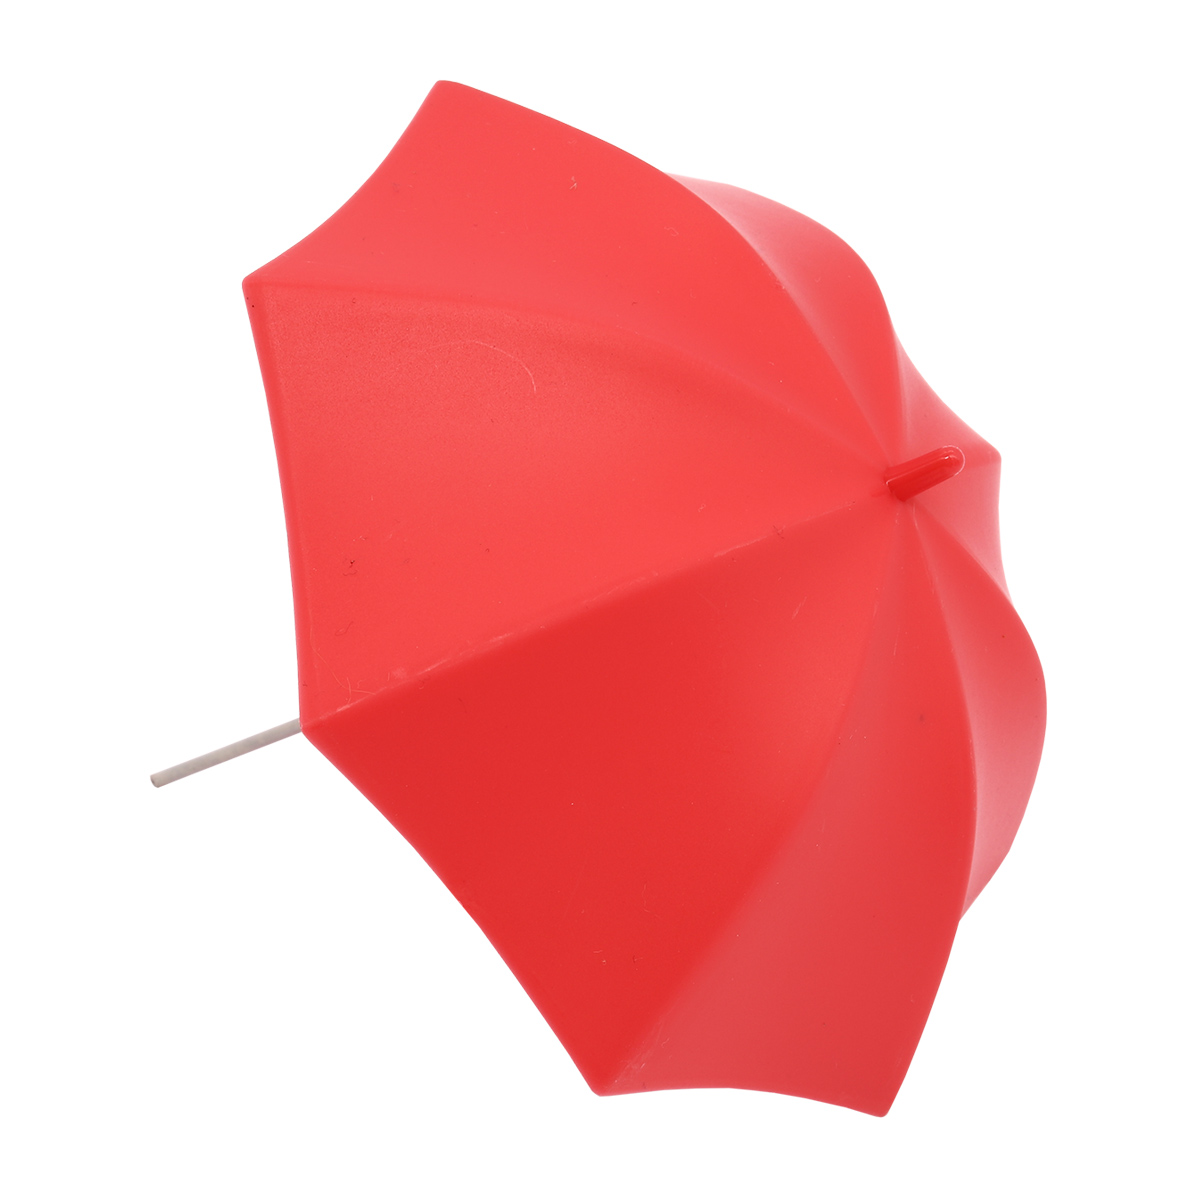 AR758 Зонтик пластмассовый 12,5*13см 2шт/упак